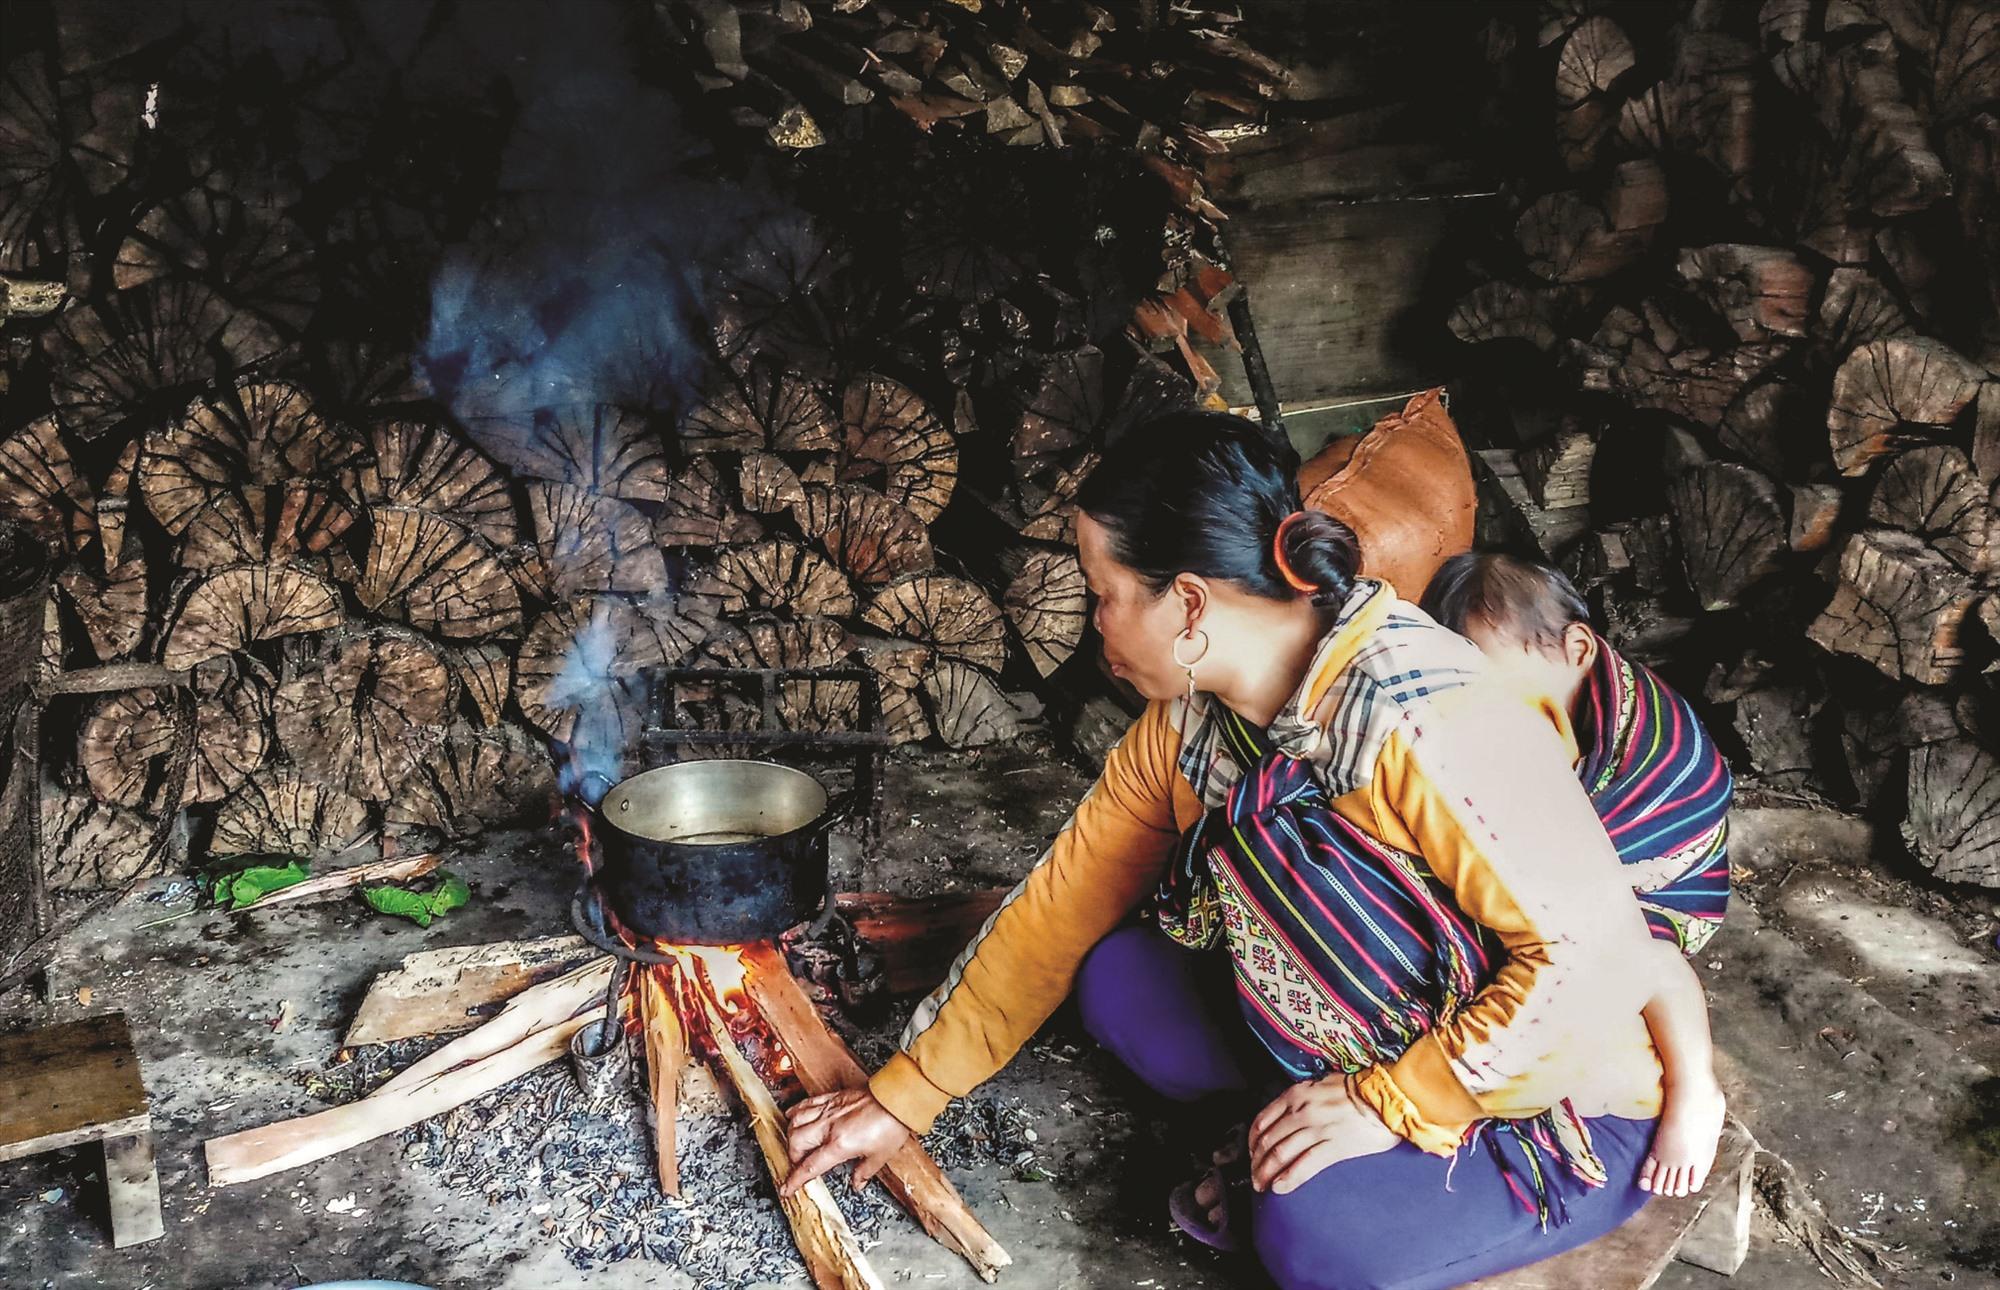 Một phụ nữ Cơ Tu tranh thủ vừa nấu cơm, vừa địu cháu để sưởi ấm.